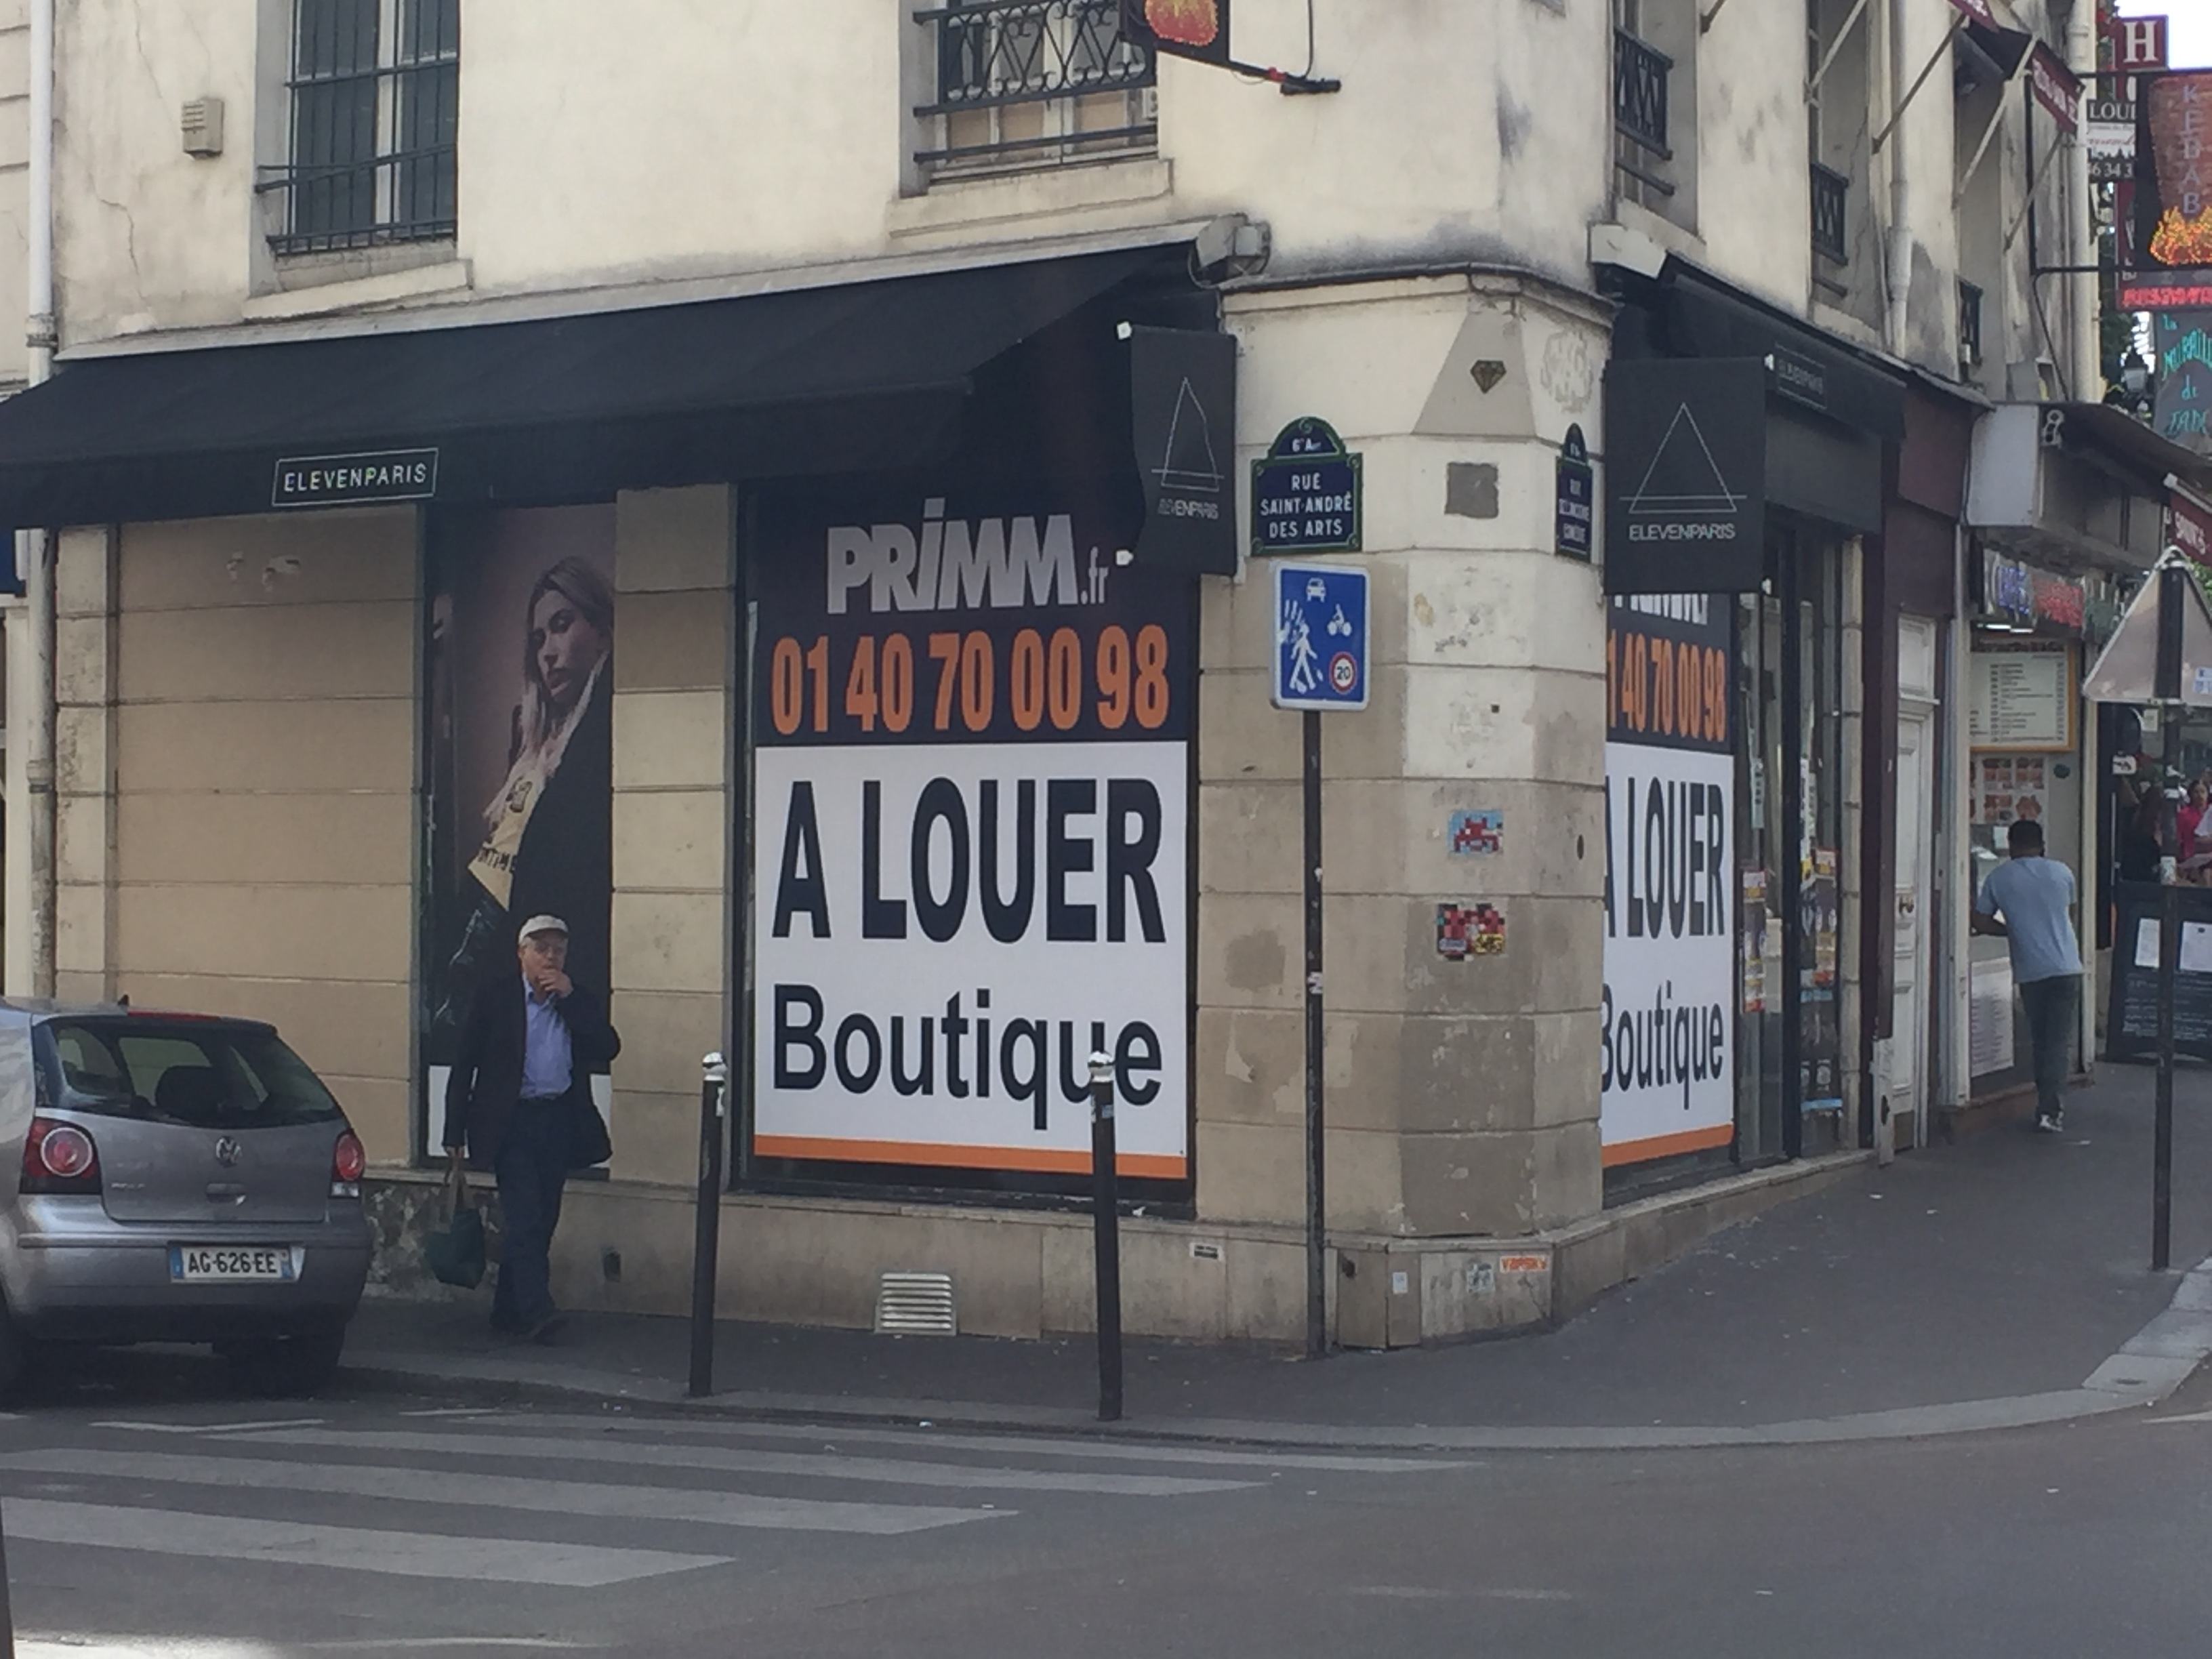 OFFRE DU MOIS : BELLE BOUTIQUE A LOUER, Emplacement exceptionnel Paris 6ème,